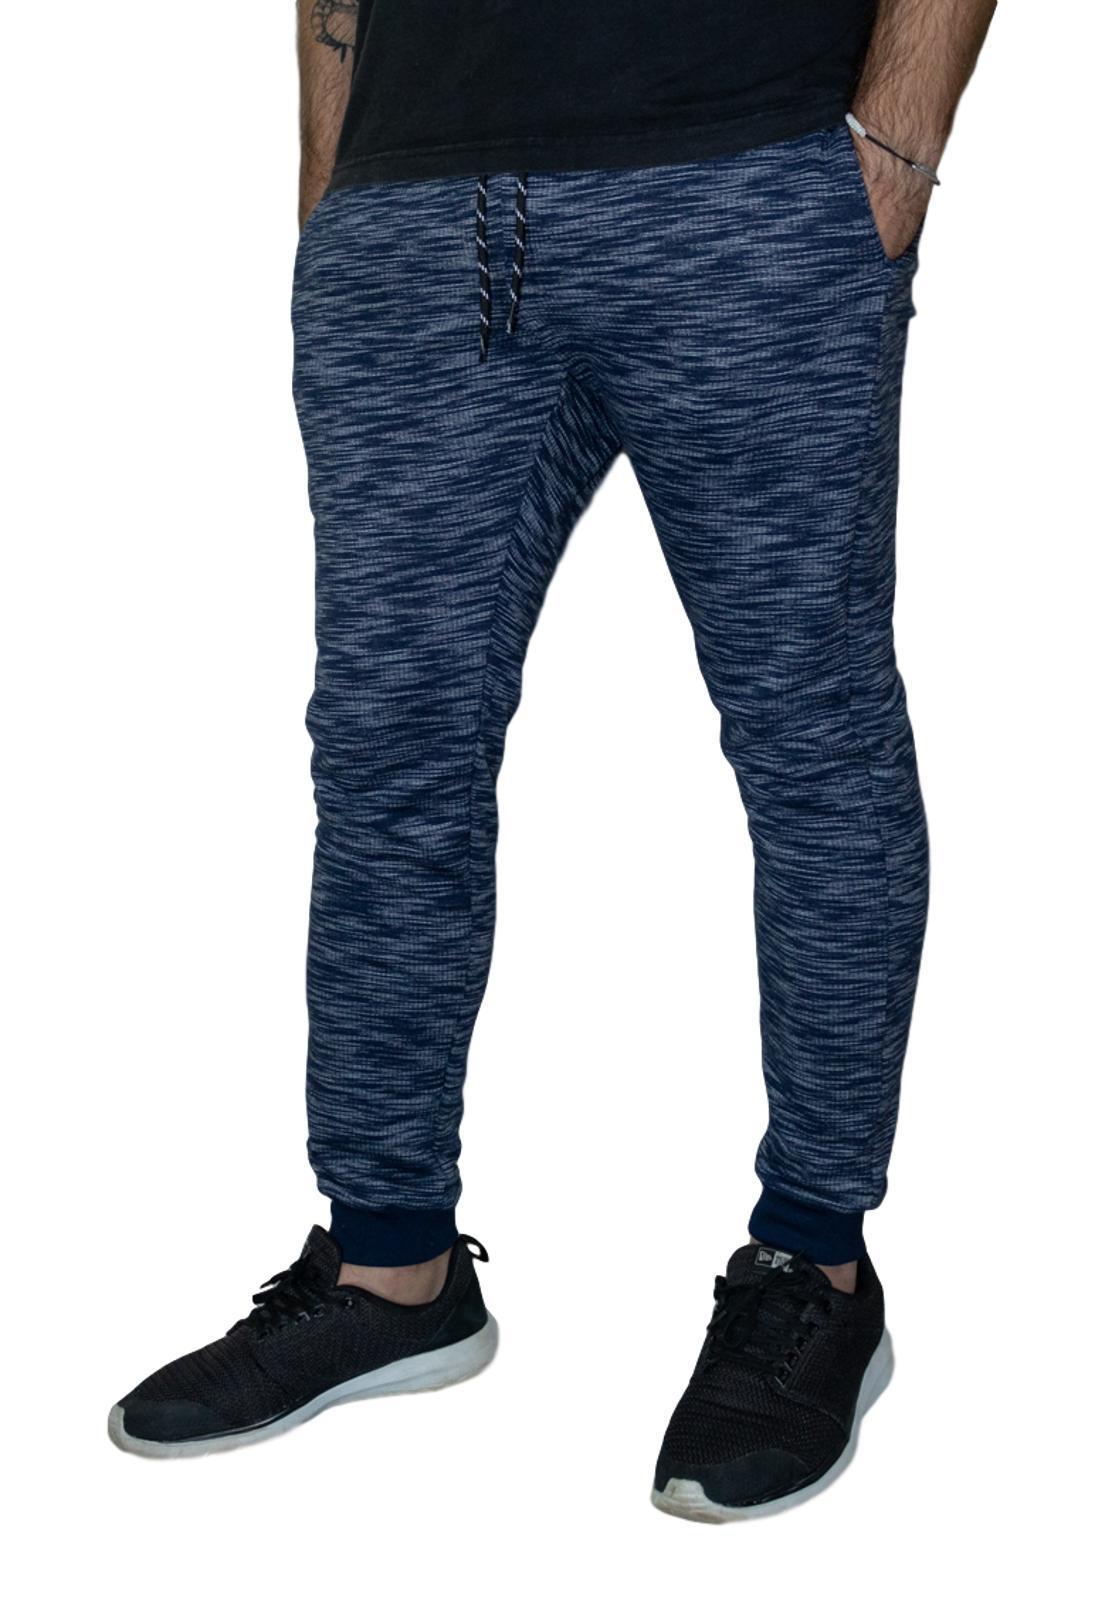 Calça de Moletom Outstanding Lifestyle Azul Marinho com Cinza